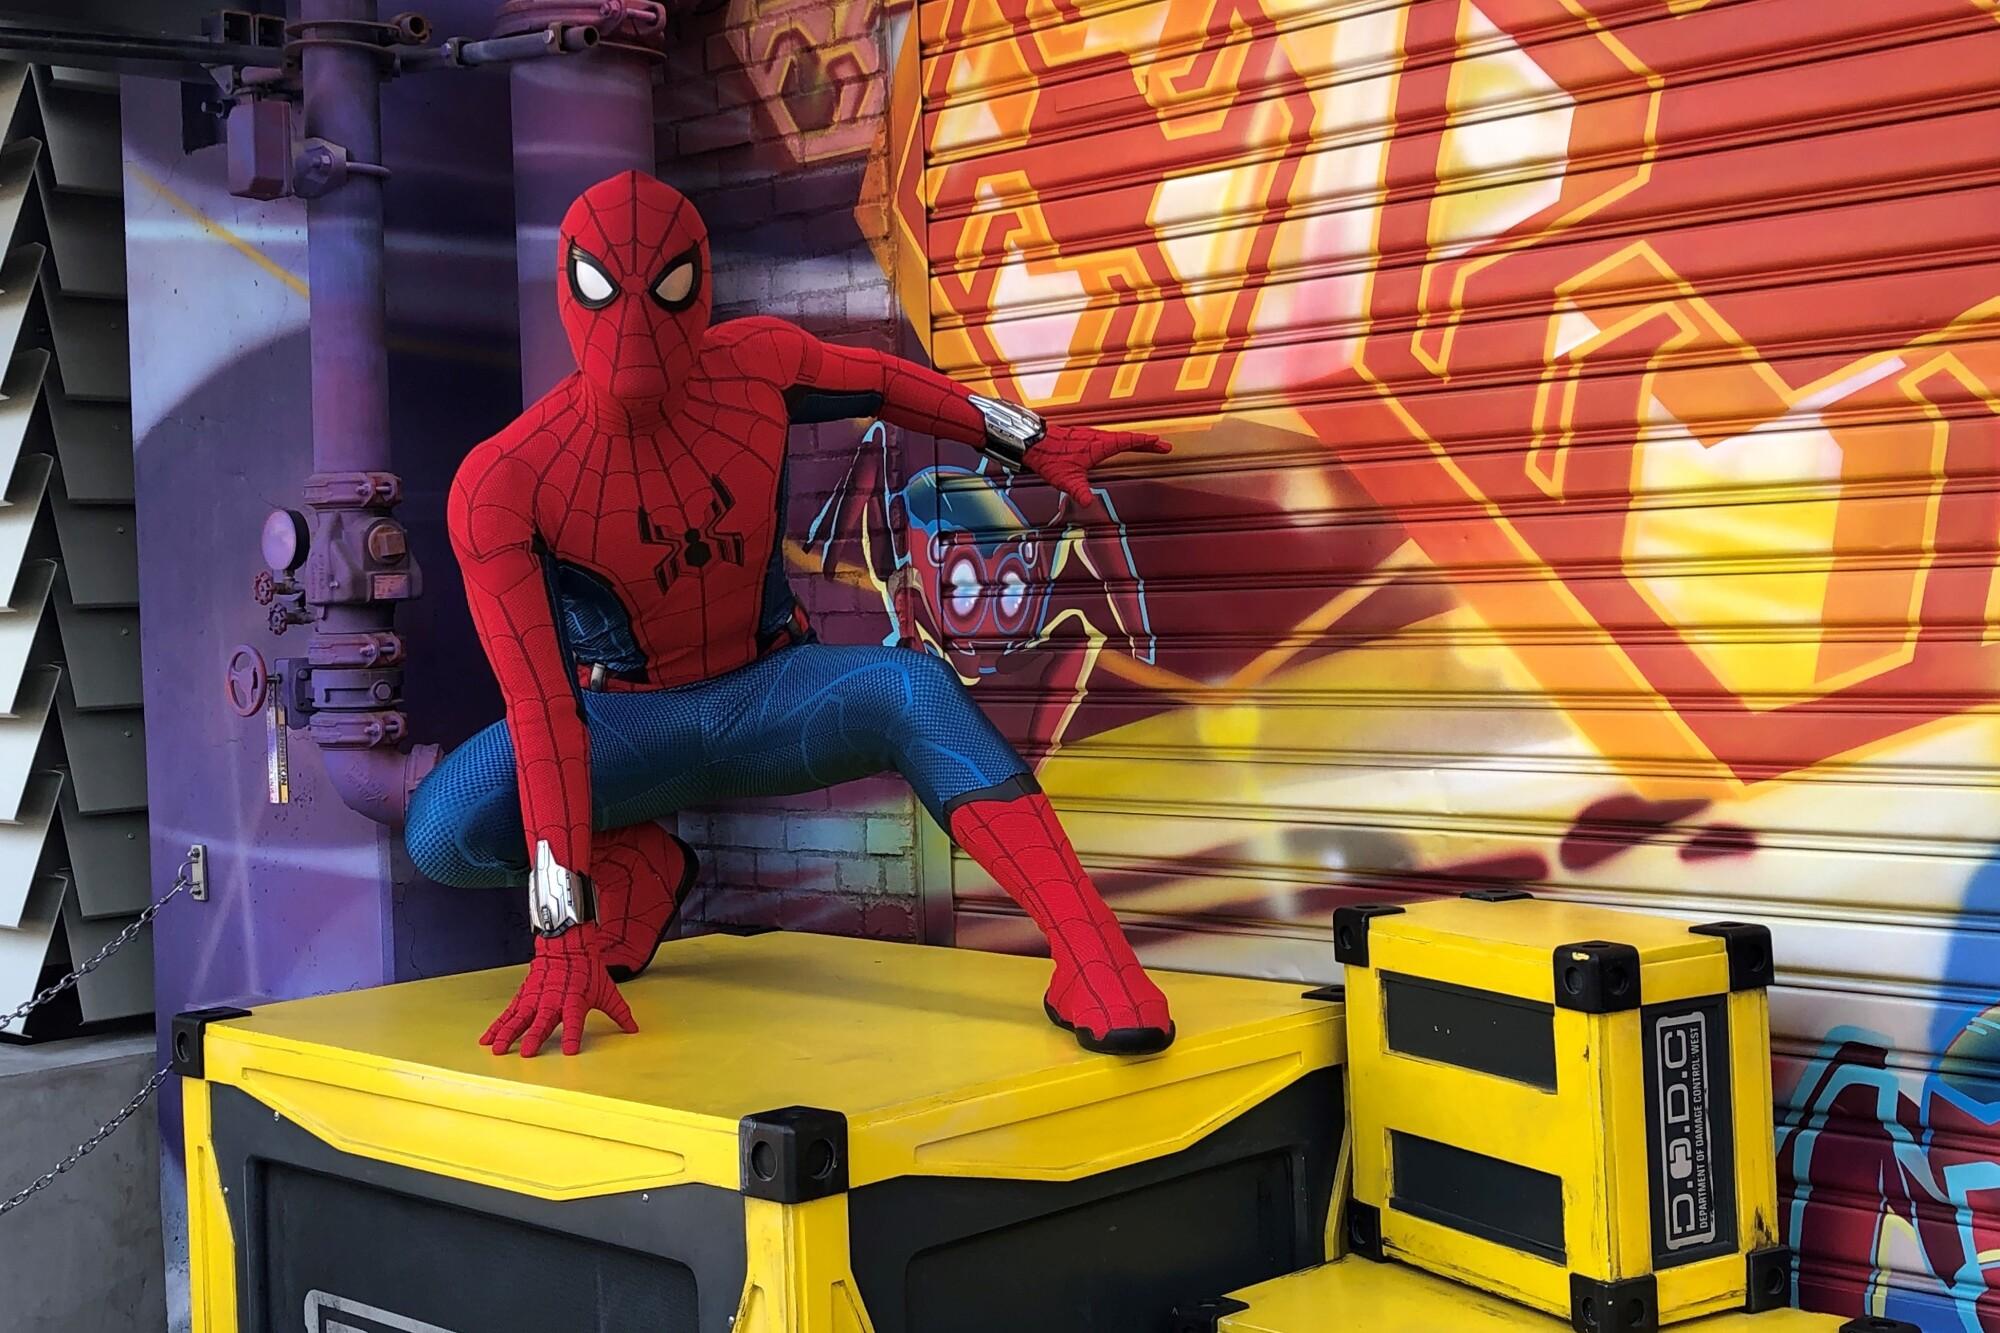 Avengers Campus, la casa de los superhéroes, sorprende con sus atracciones y genera grandes emociones - Los Angeles Times